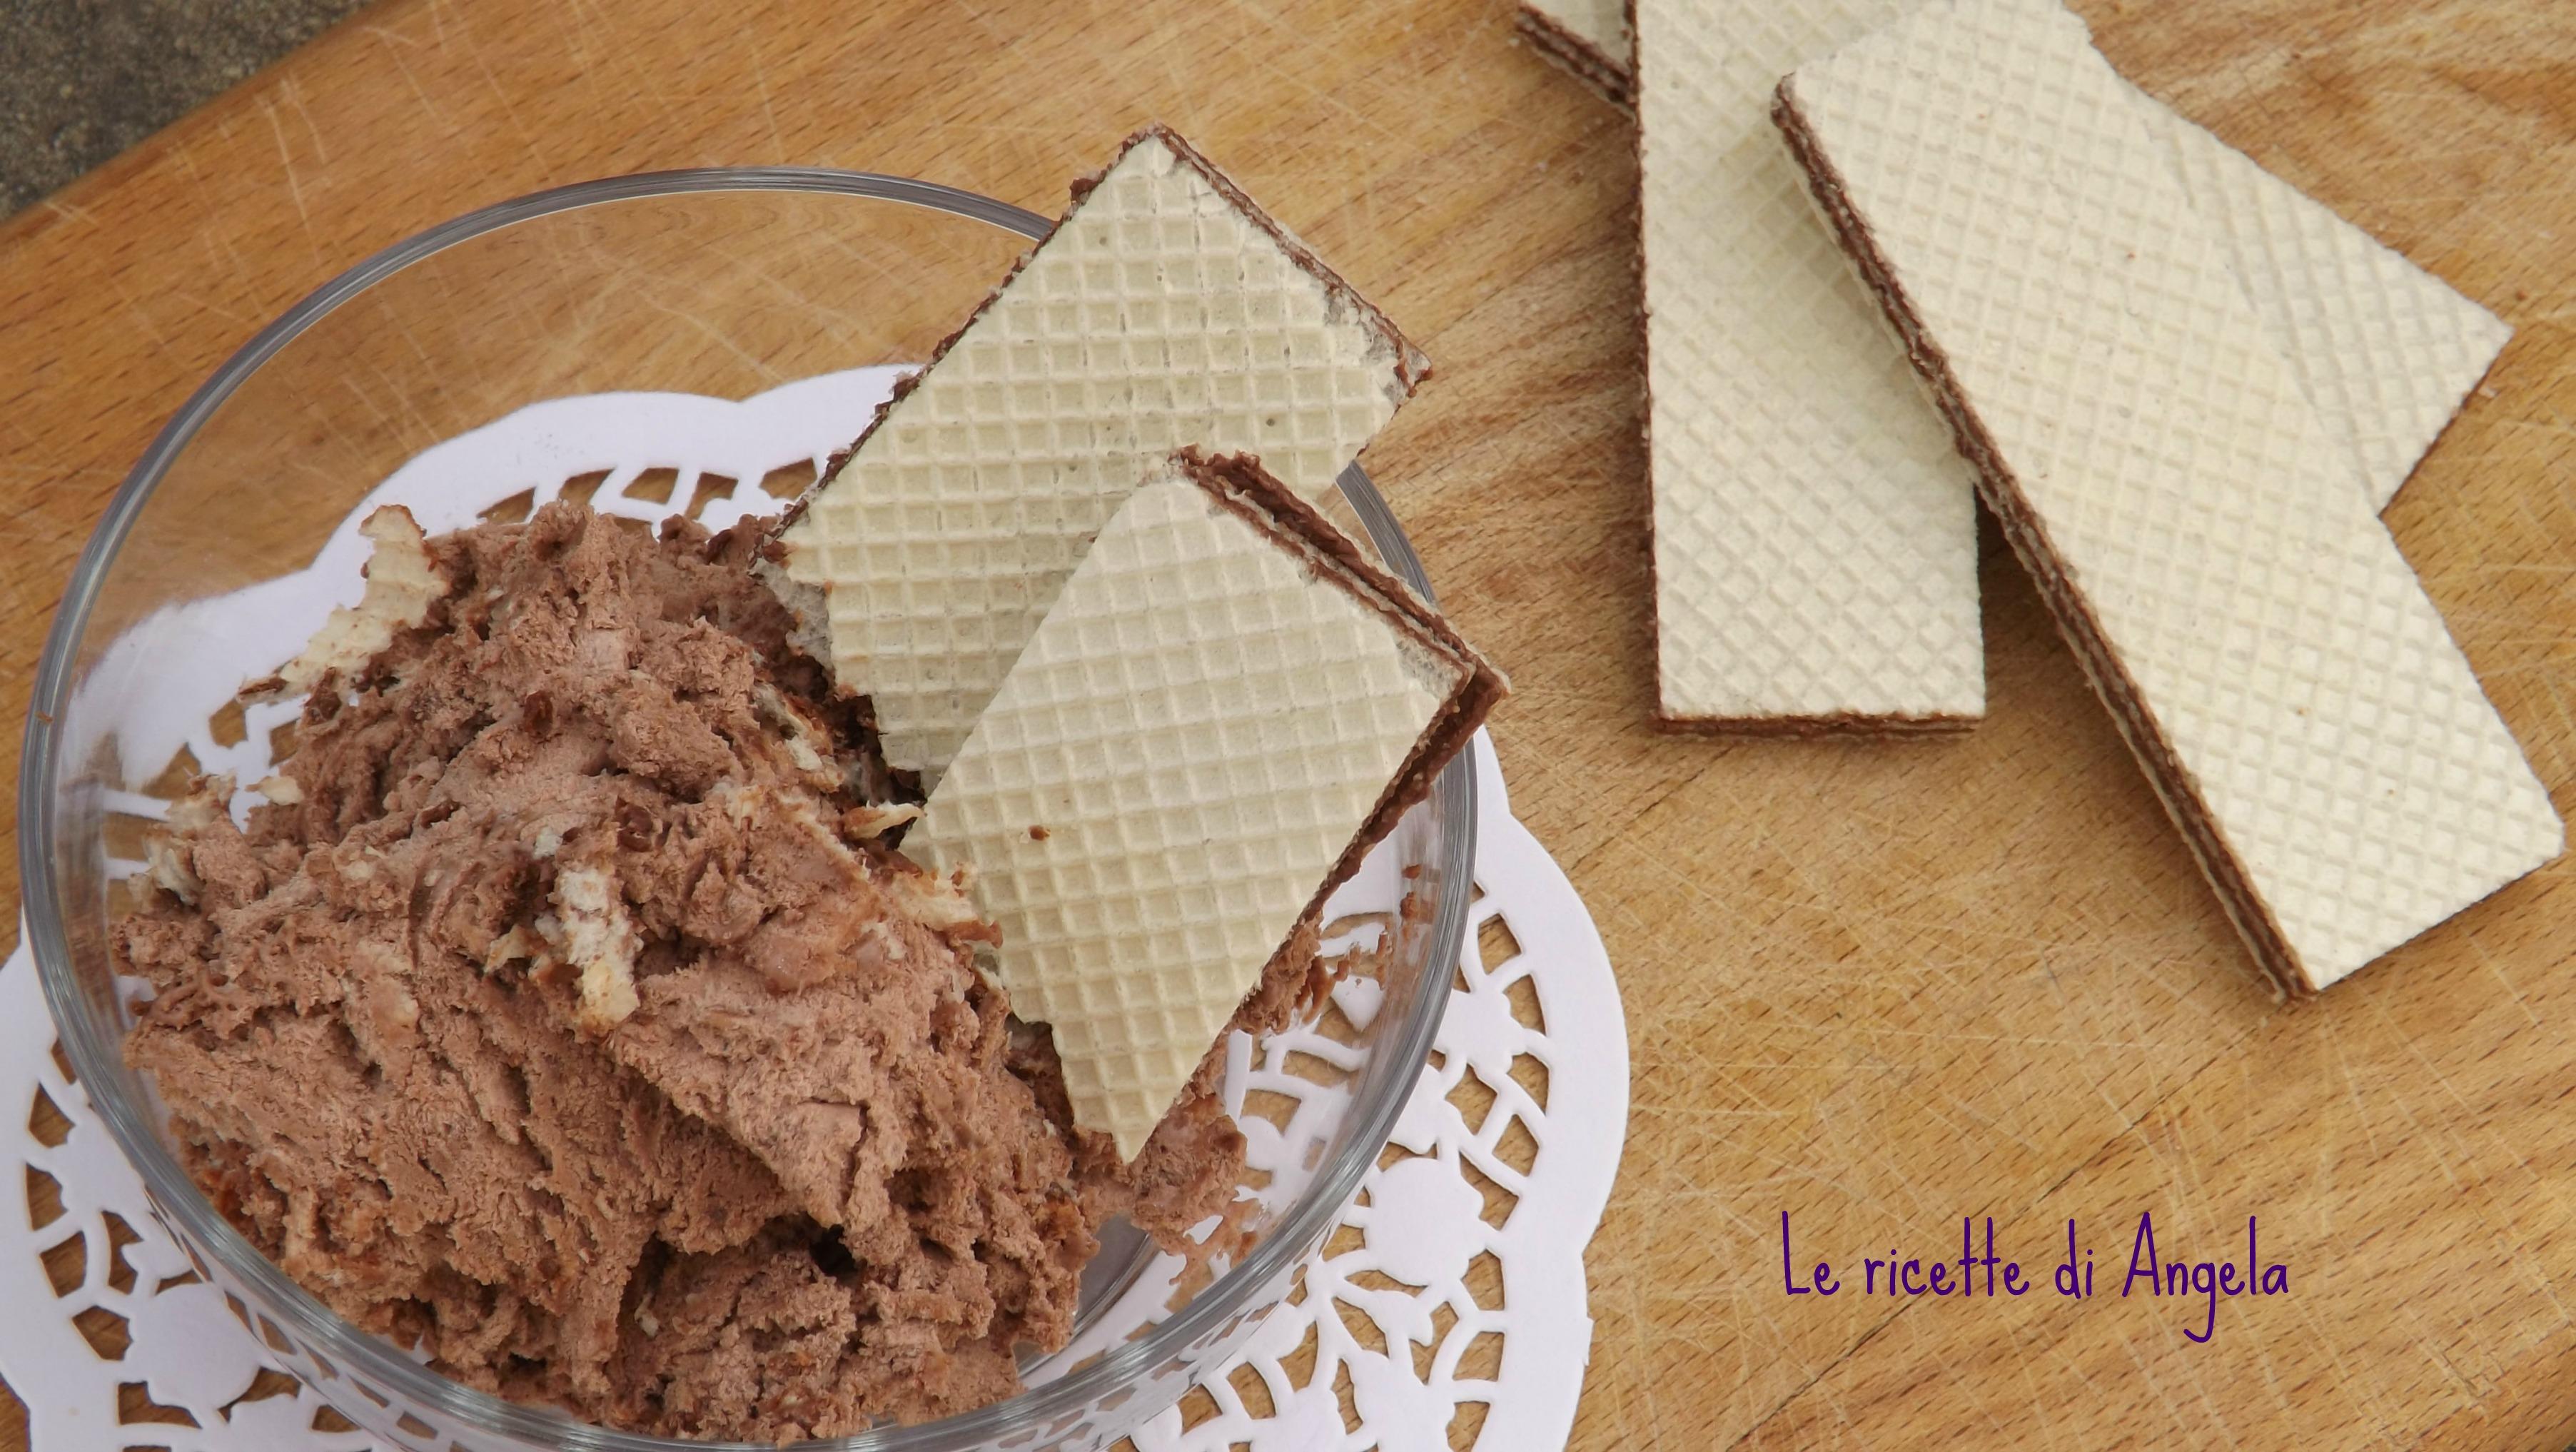 Gelato al cacao e wafer senza gelatiera